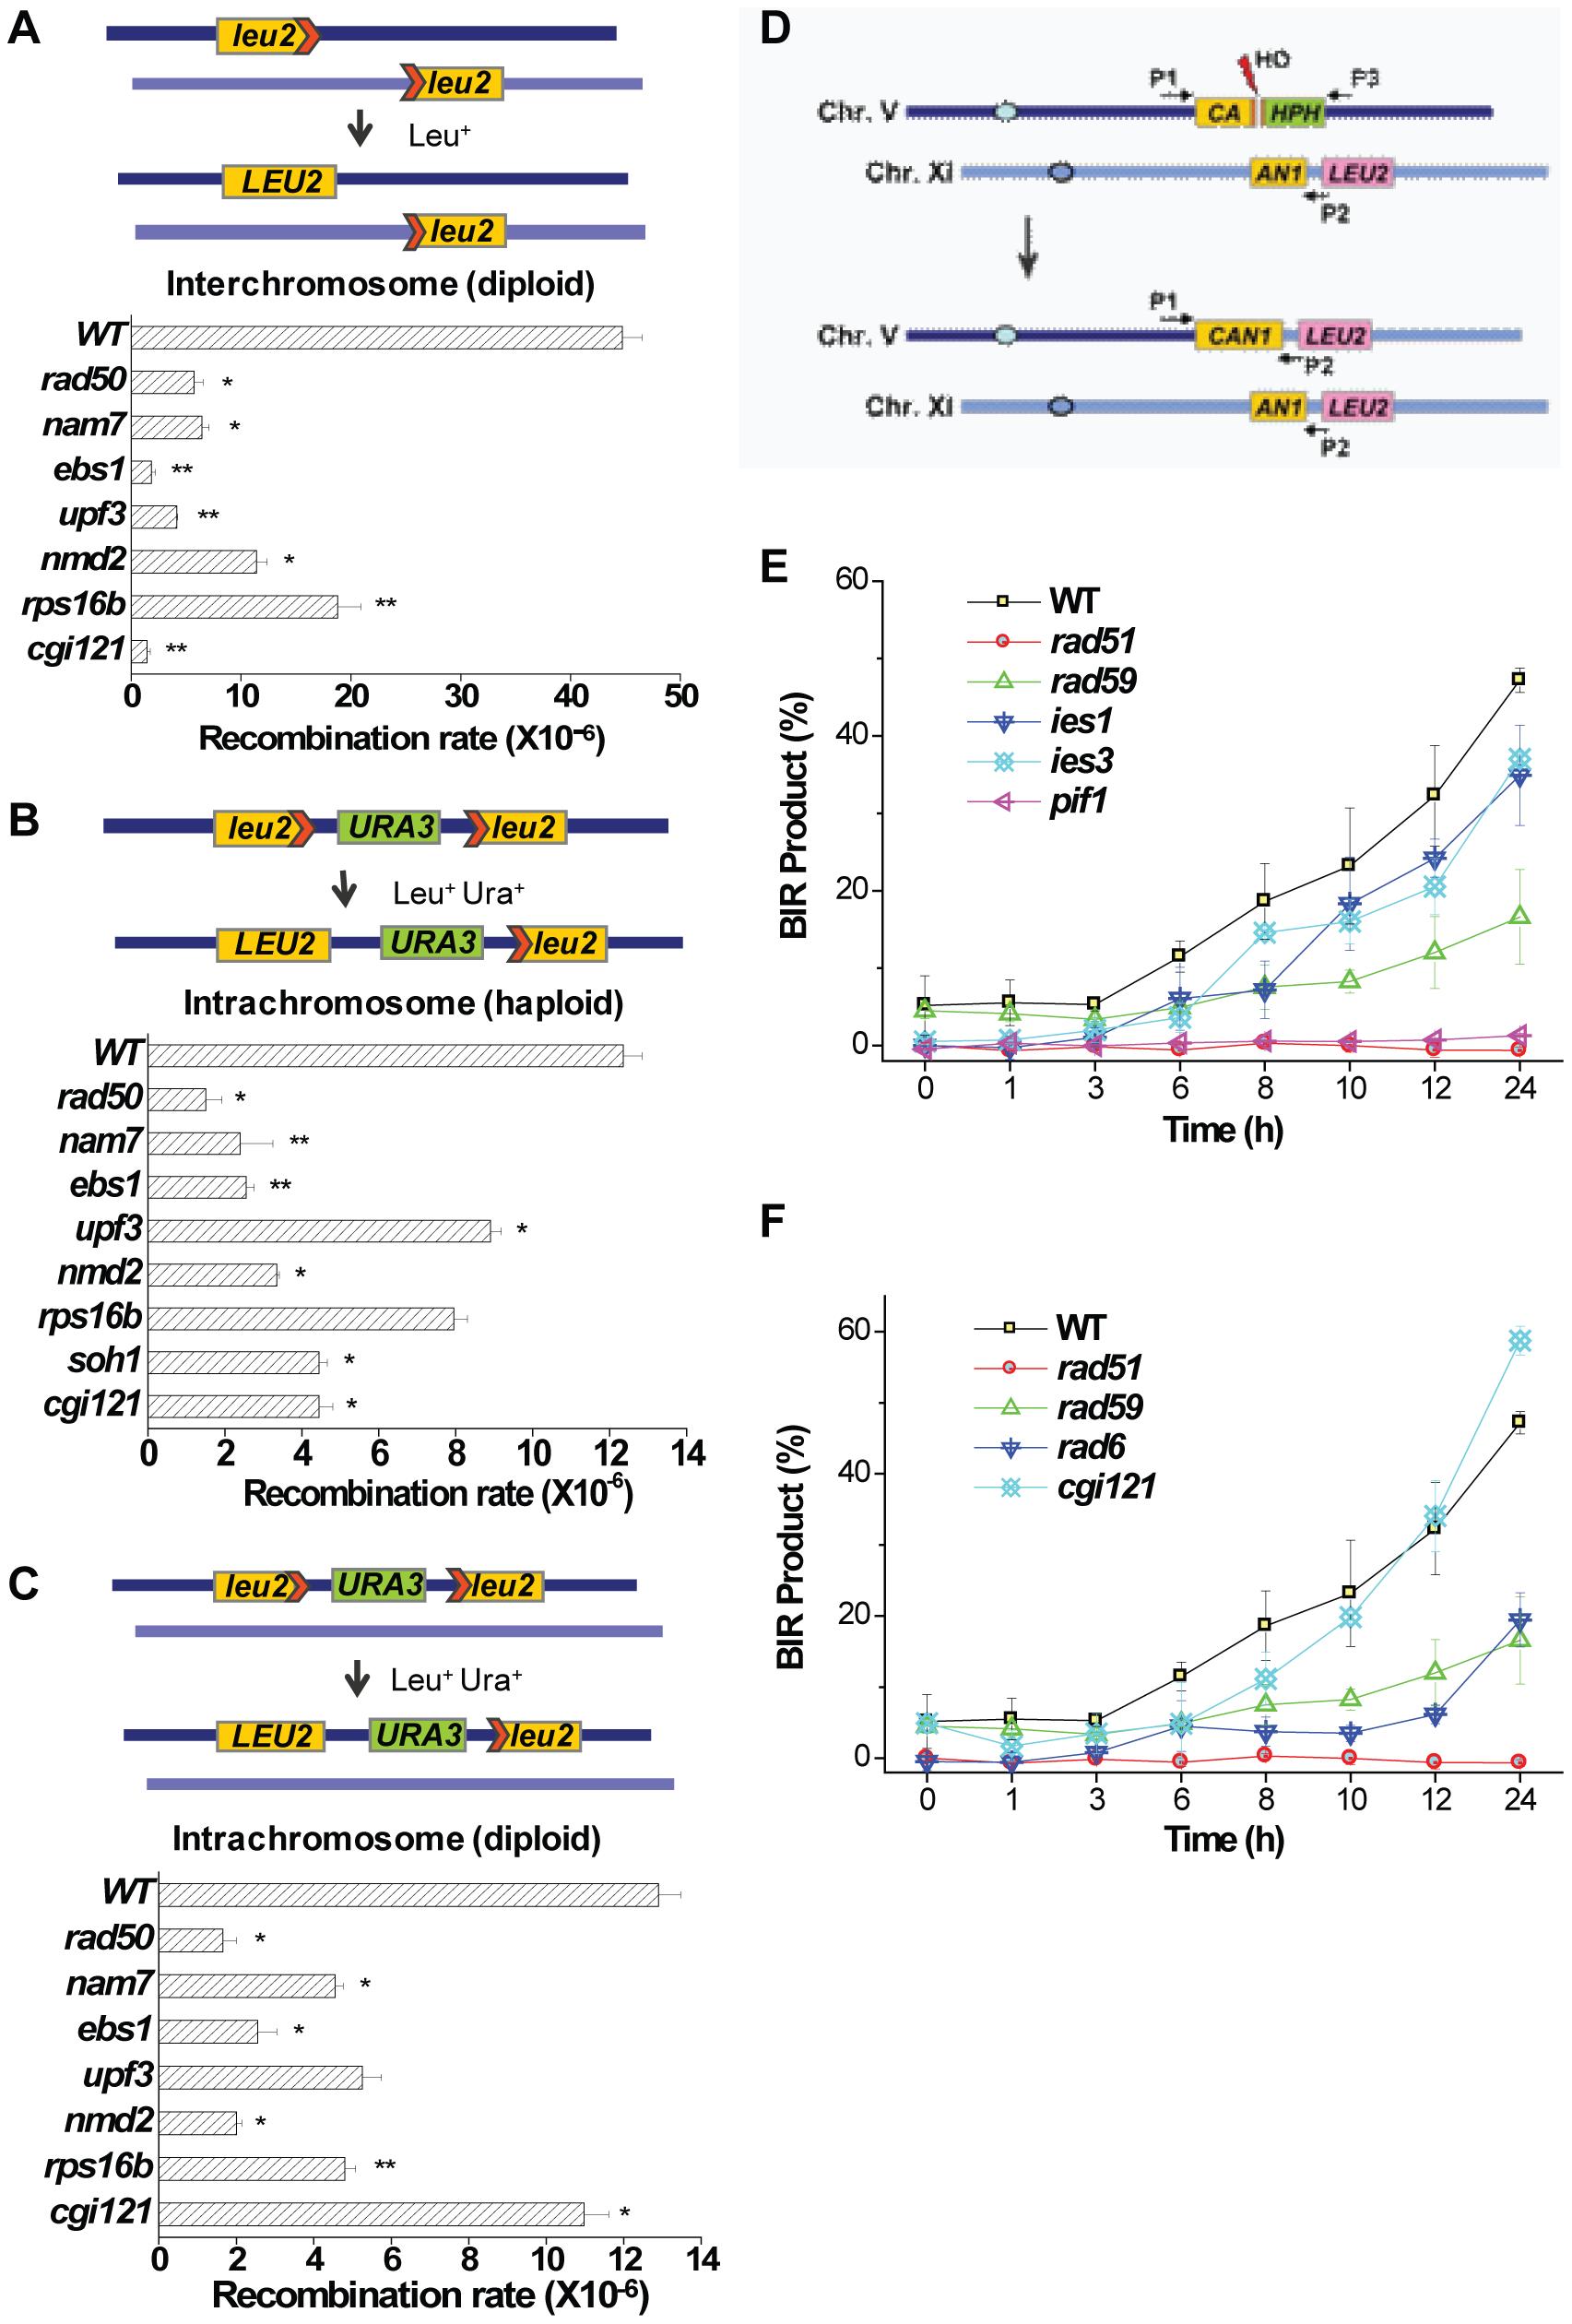 General homologous recombination activities in <i>nam7</i>Δ, <i>ebs1</i>Δ, <i>upf3</i>Δ, <i>nmd2</i>Δ, <i>rps16b</i>Δ, <i>soh1</i>Δ, and <i>cgi121</i>Δ mutants, and break-induced-replication efficiencies in <i>ies1</i>Δ, <i>ies3</i>Δ, <i>pif1</i>Δ, <i>rad6</i>Δ, and <i>cgi121</i>Δ mutants.